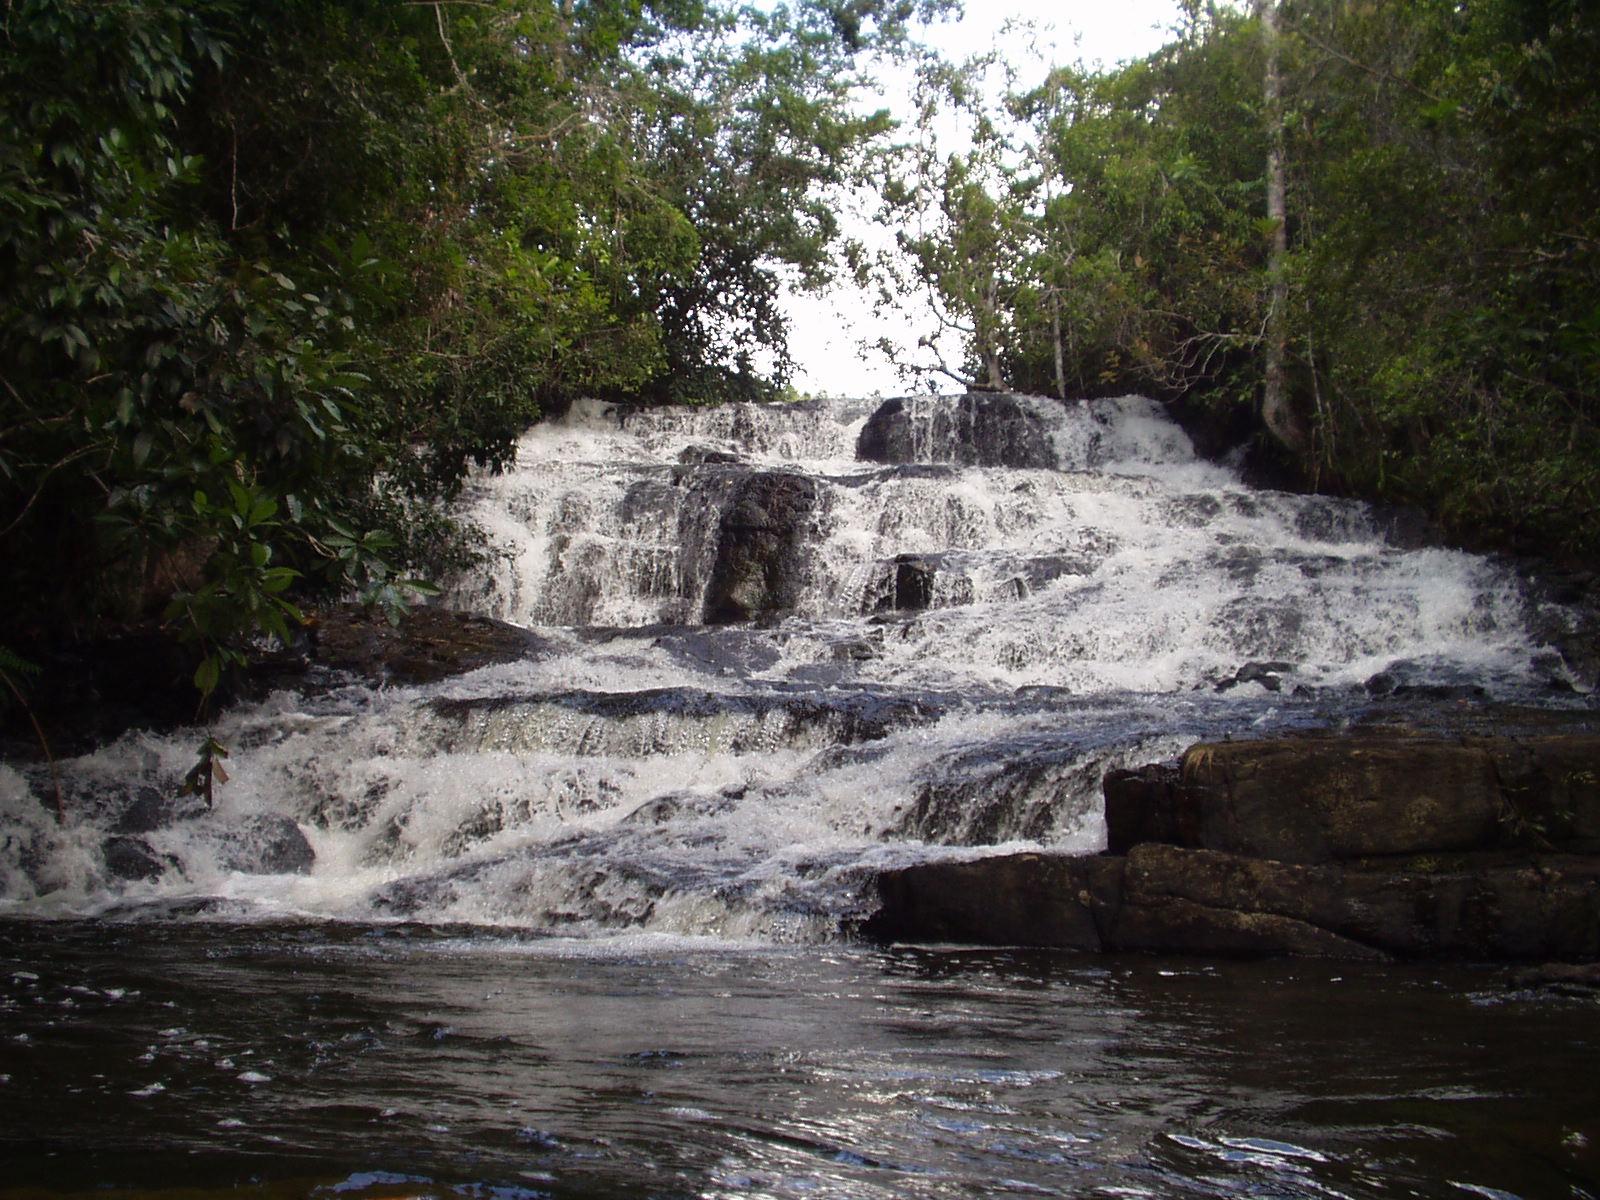 Cachoeira do Rio do Engenho